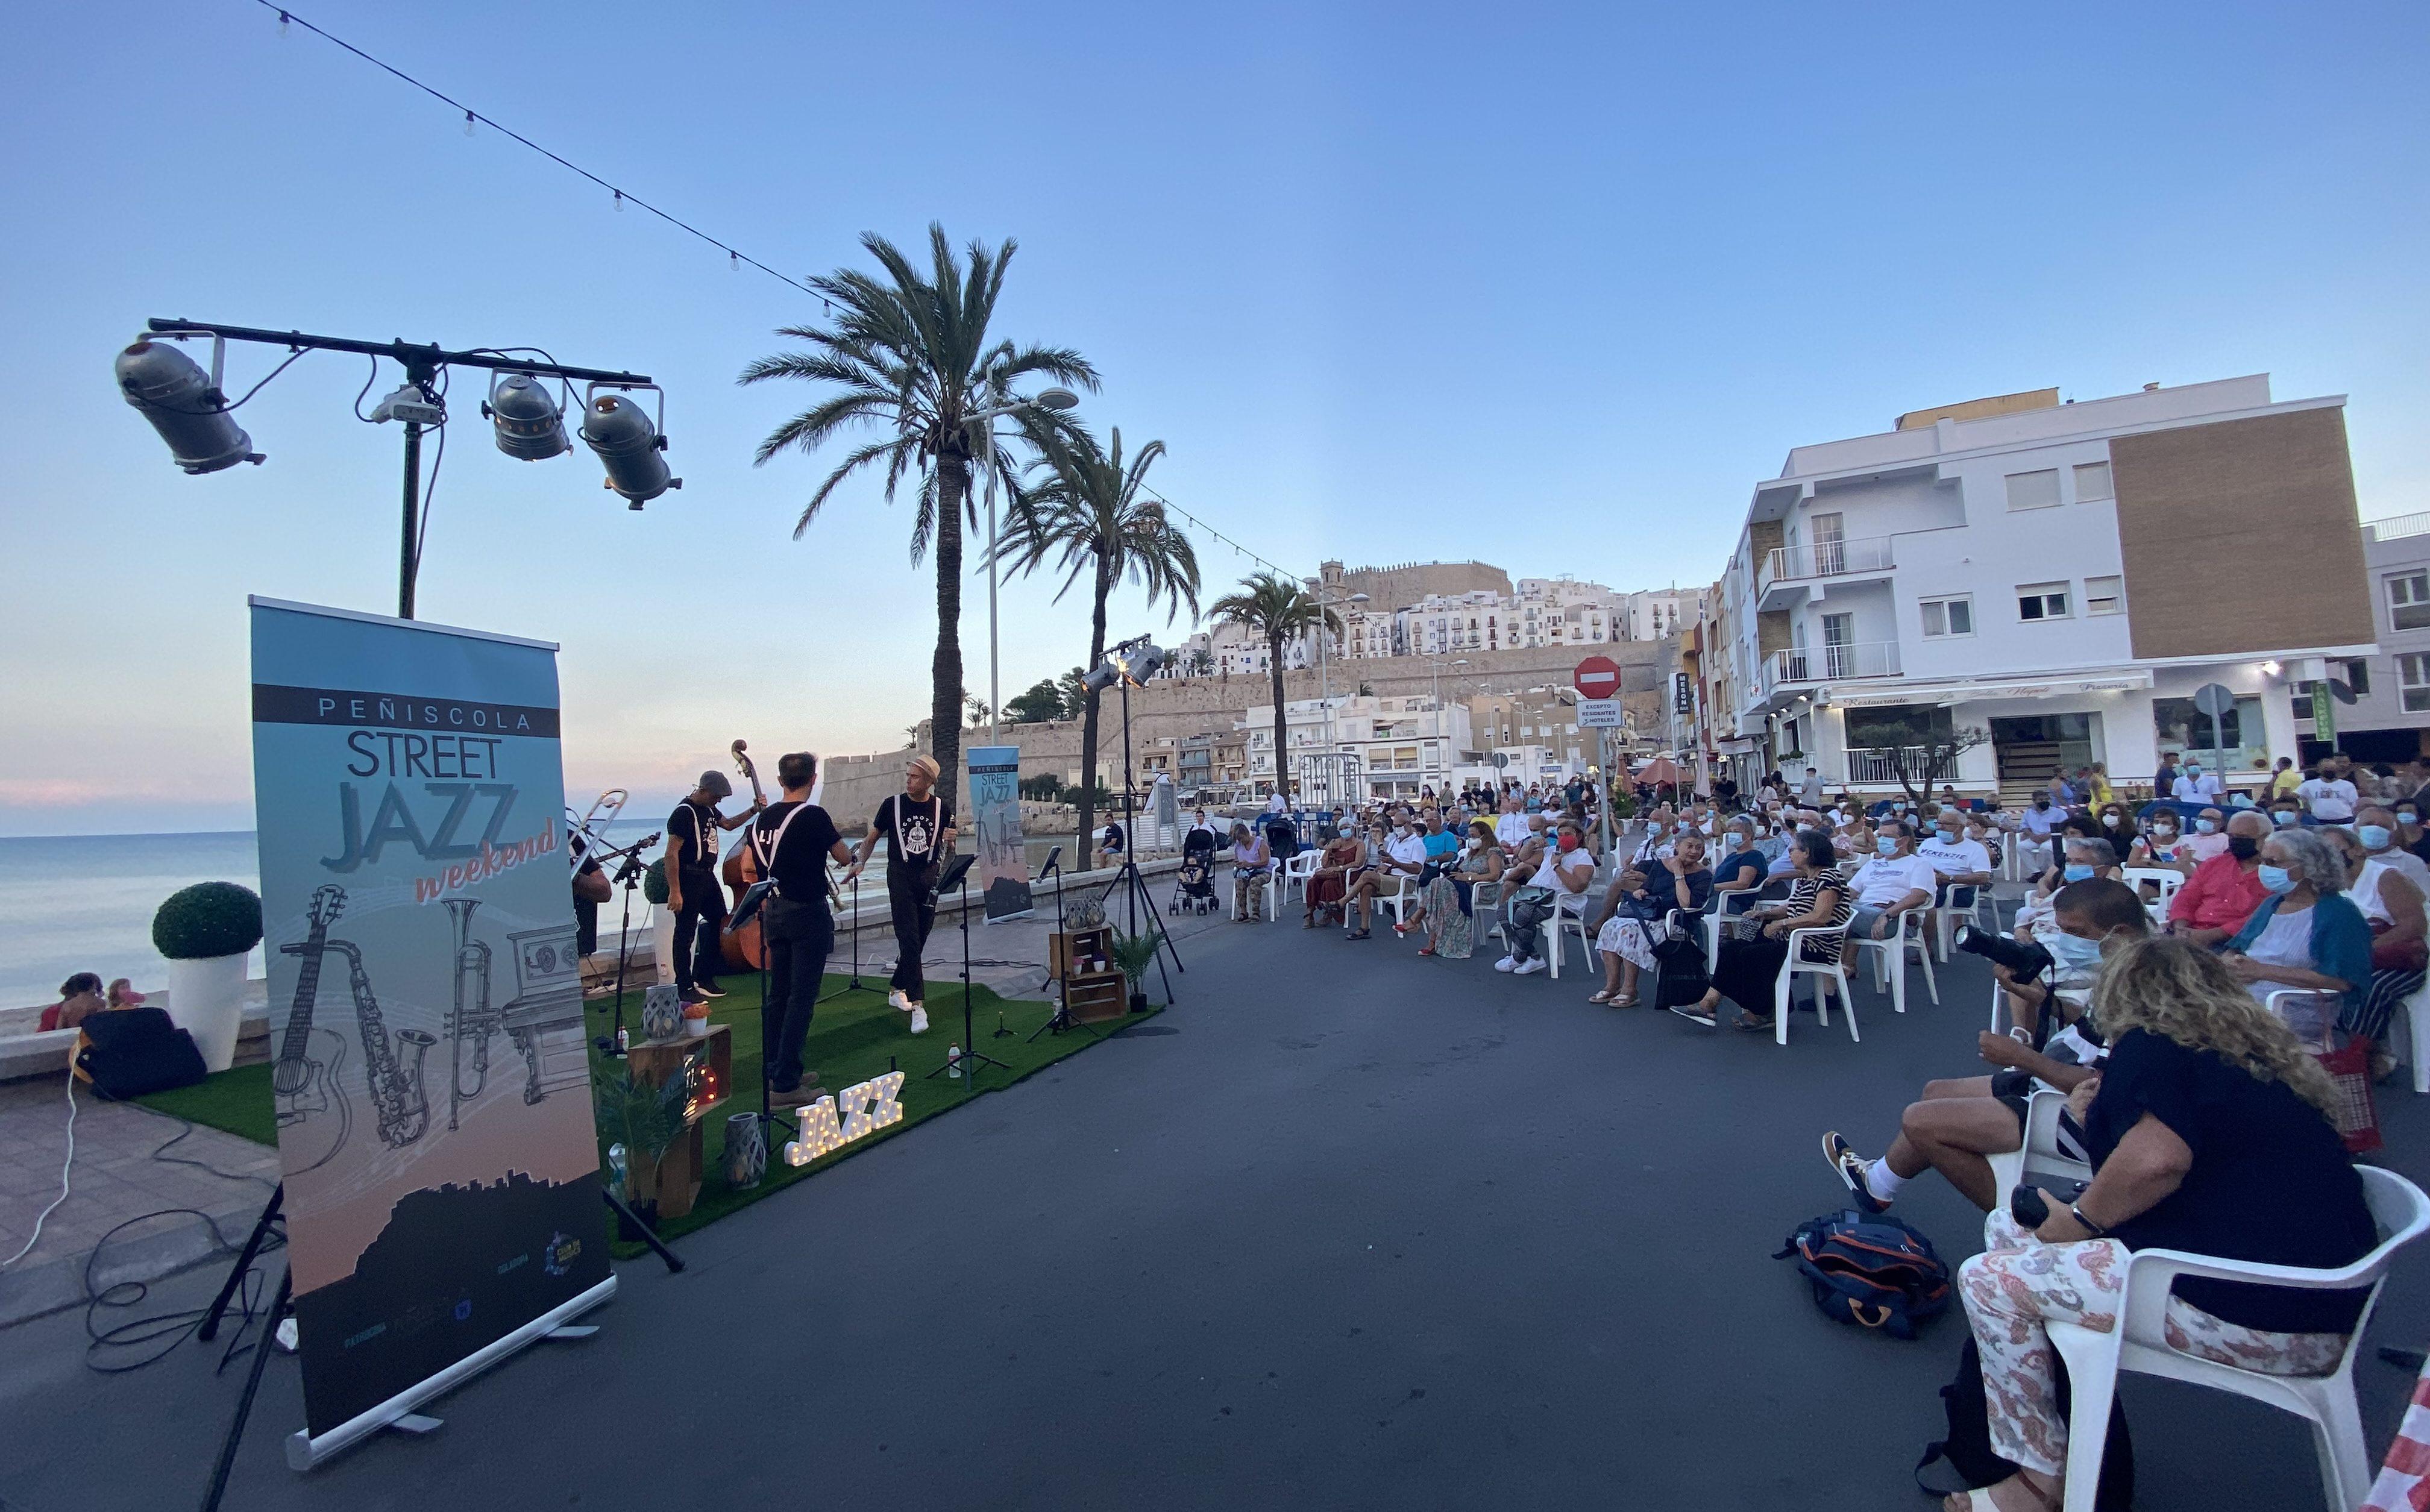 Més de 2.000 espectadors gaudeixen del 'Street Jazz Weekend' de Peníscola en l'edició inaugural